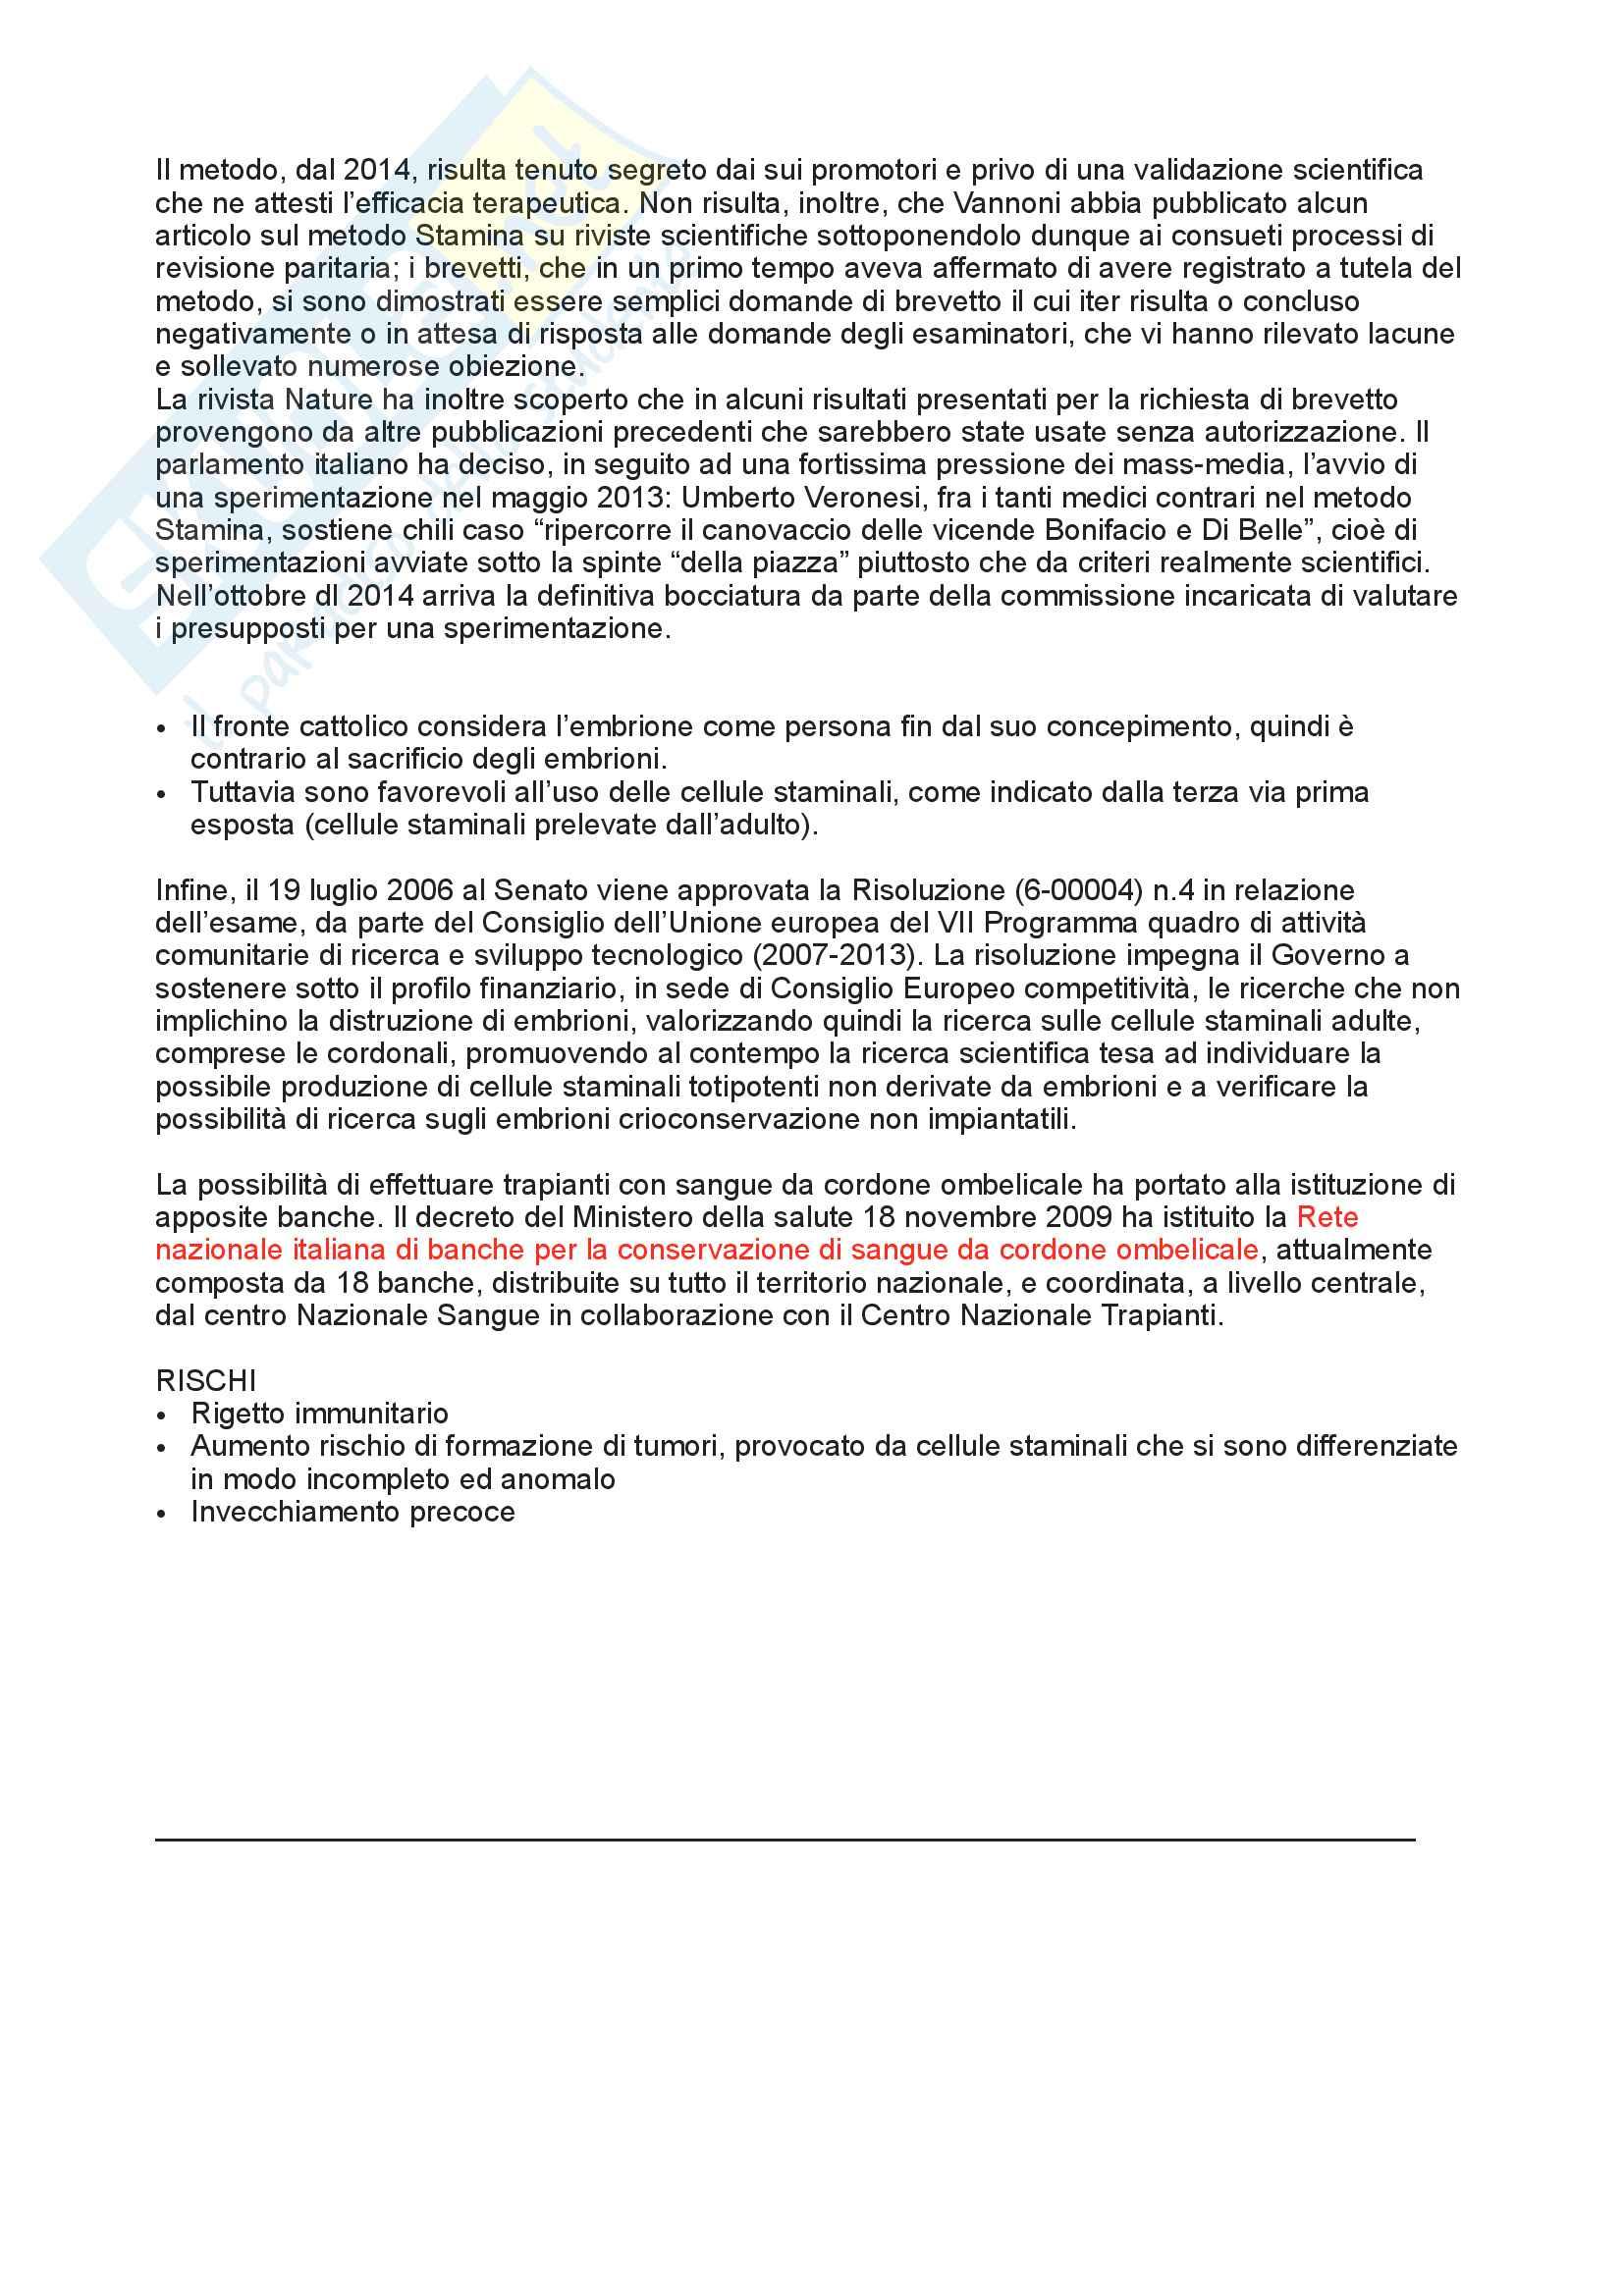 patologia generale e terminologia medica Pag. 136